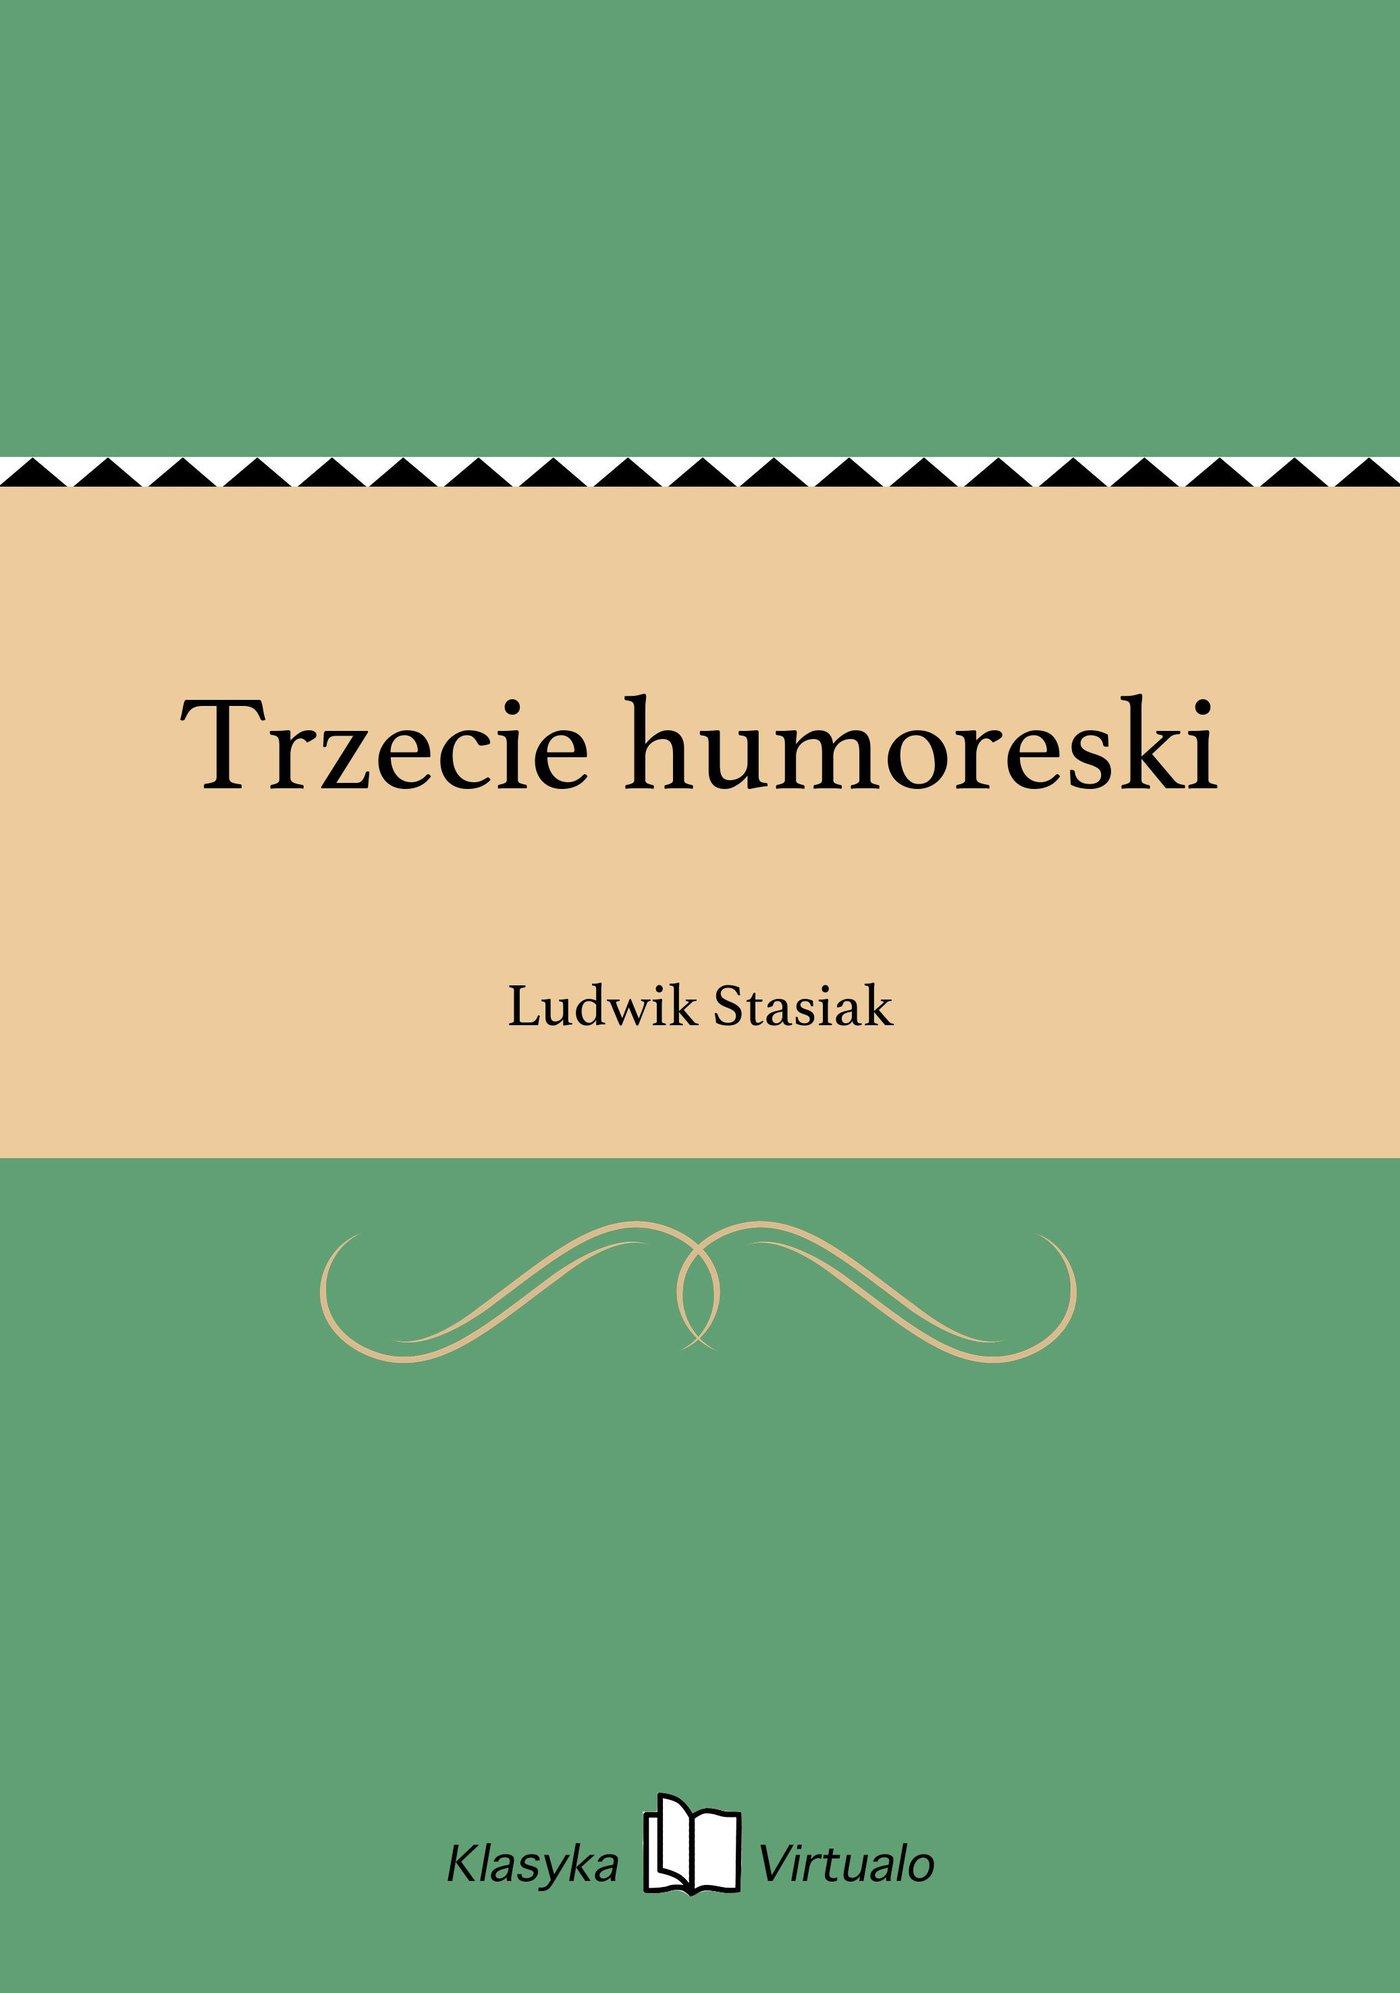 Trzecie humoreski - Ebook (Książka EPUB) do pobrania w formacie EPUB